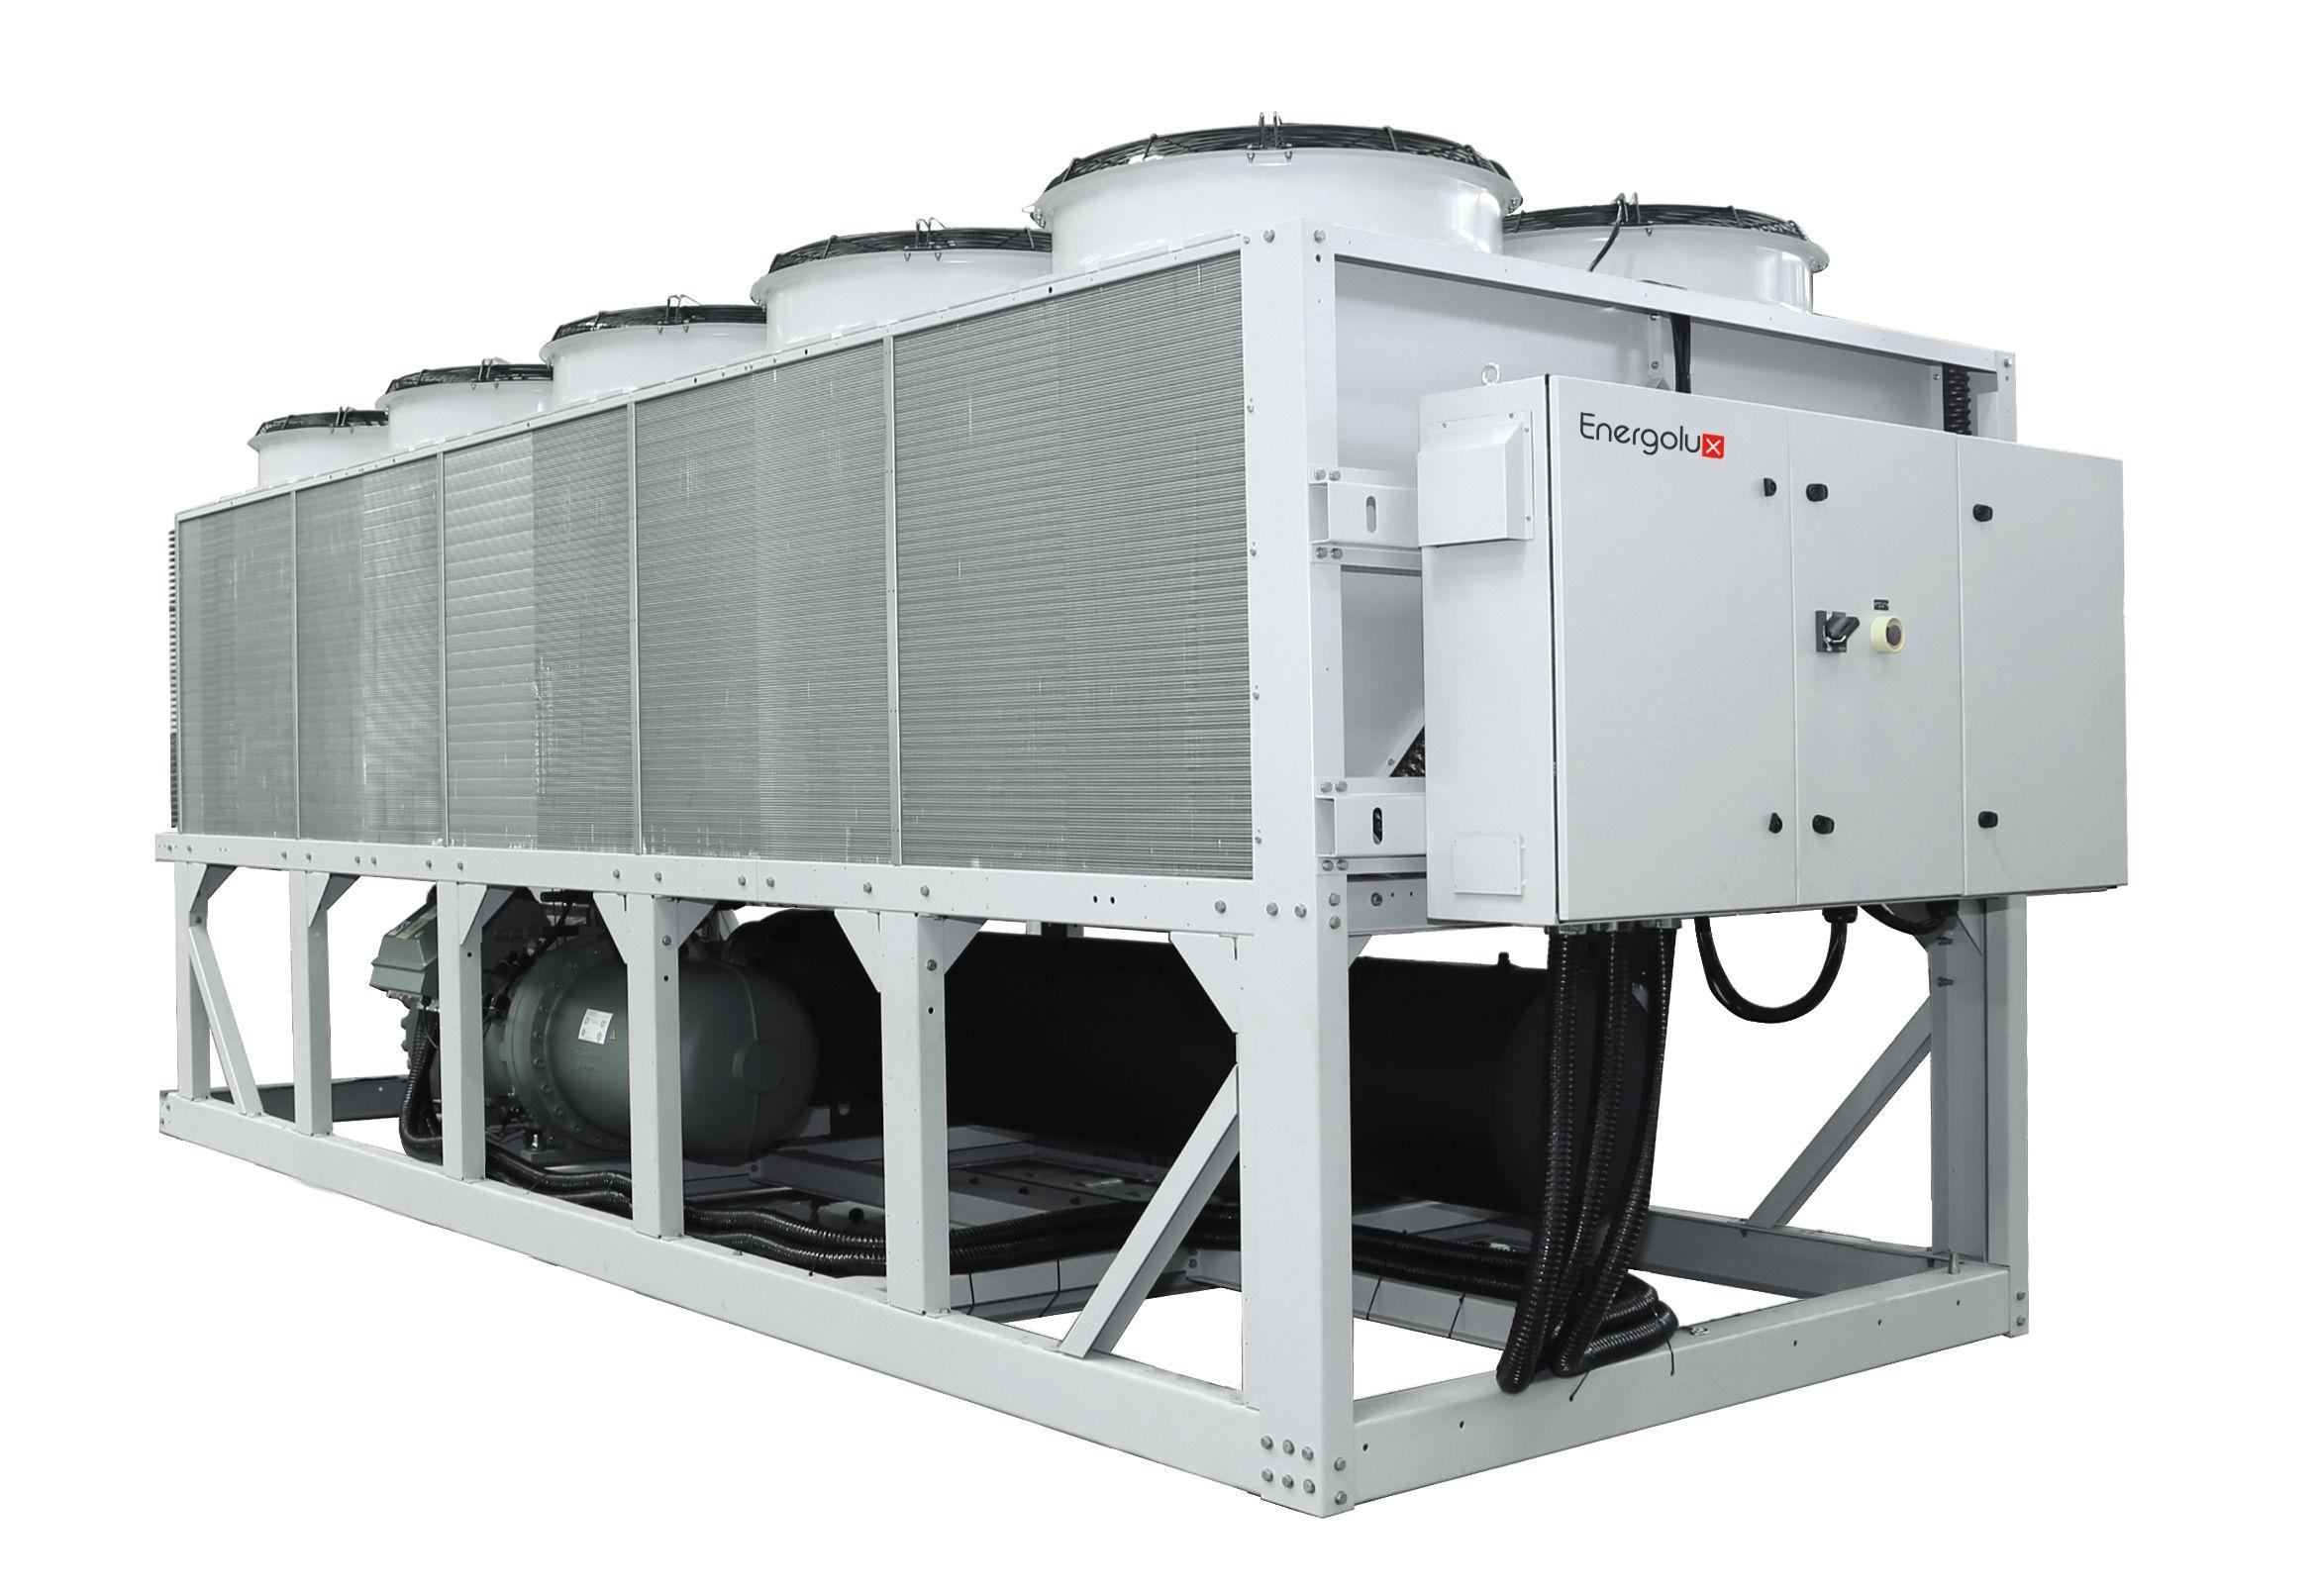 Energolux SCAW-T 31240 V